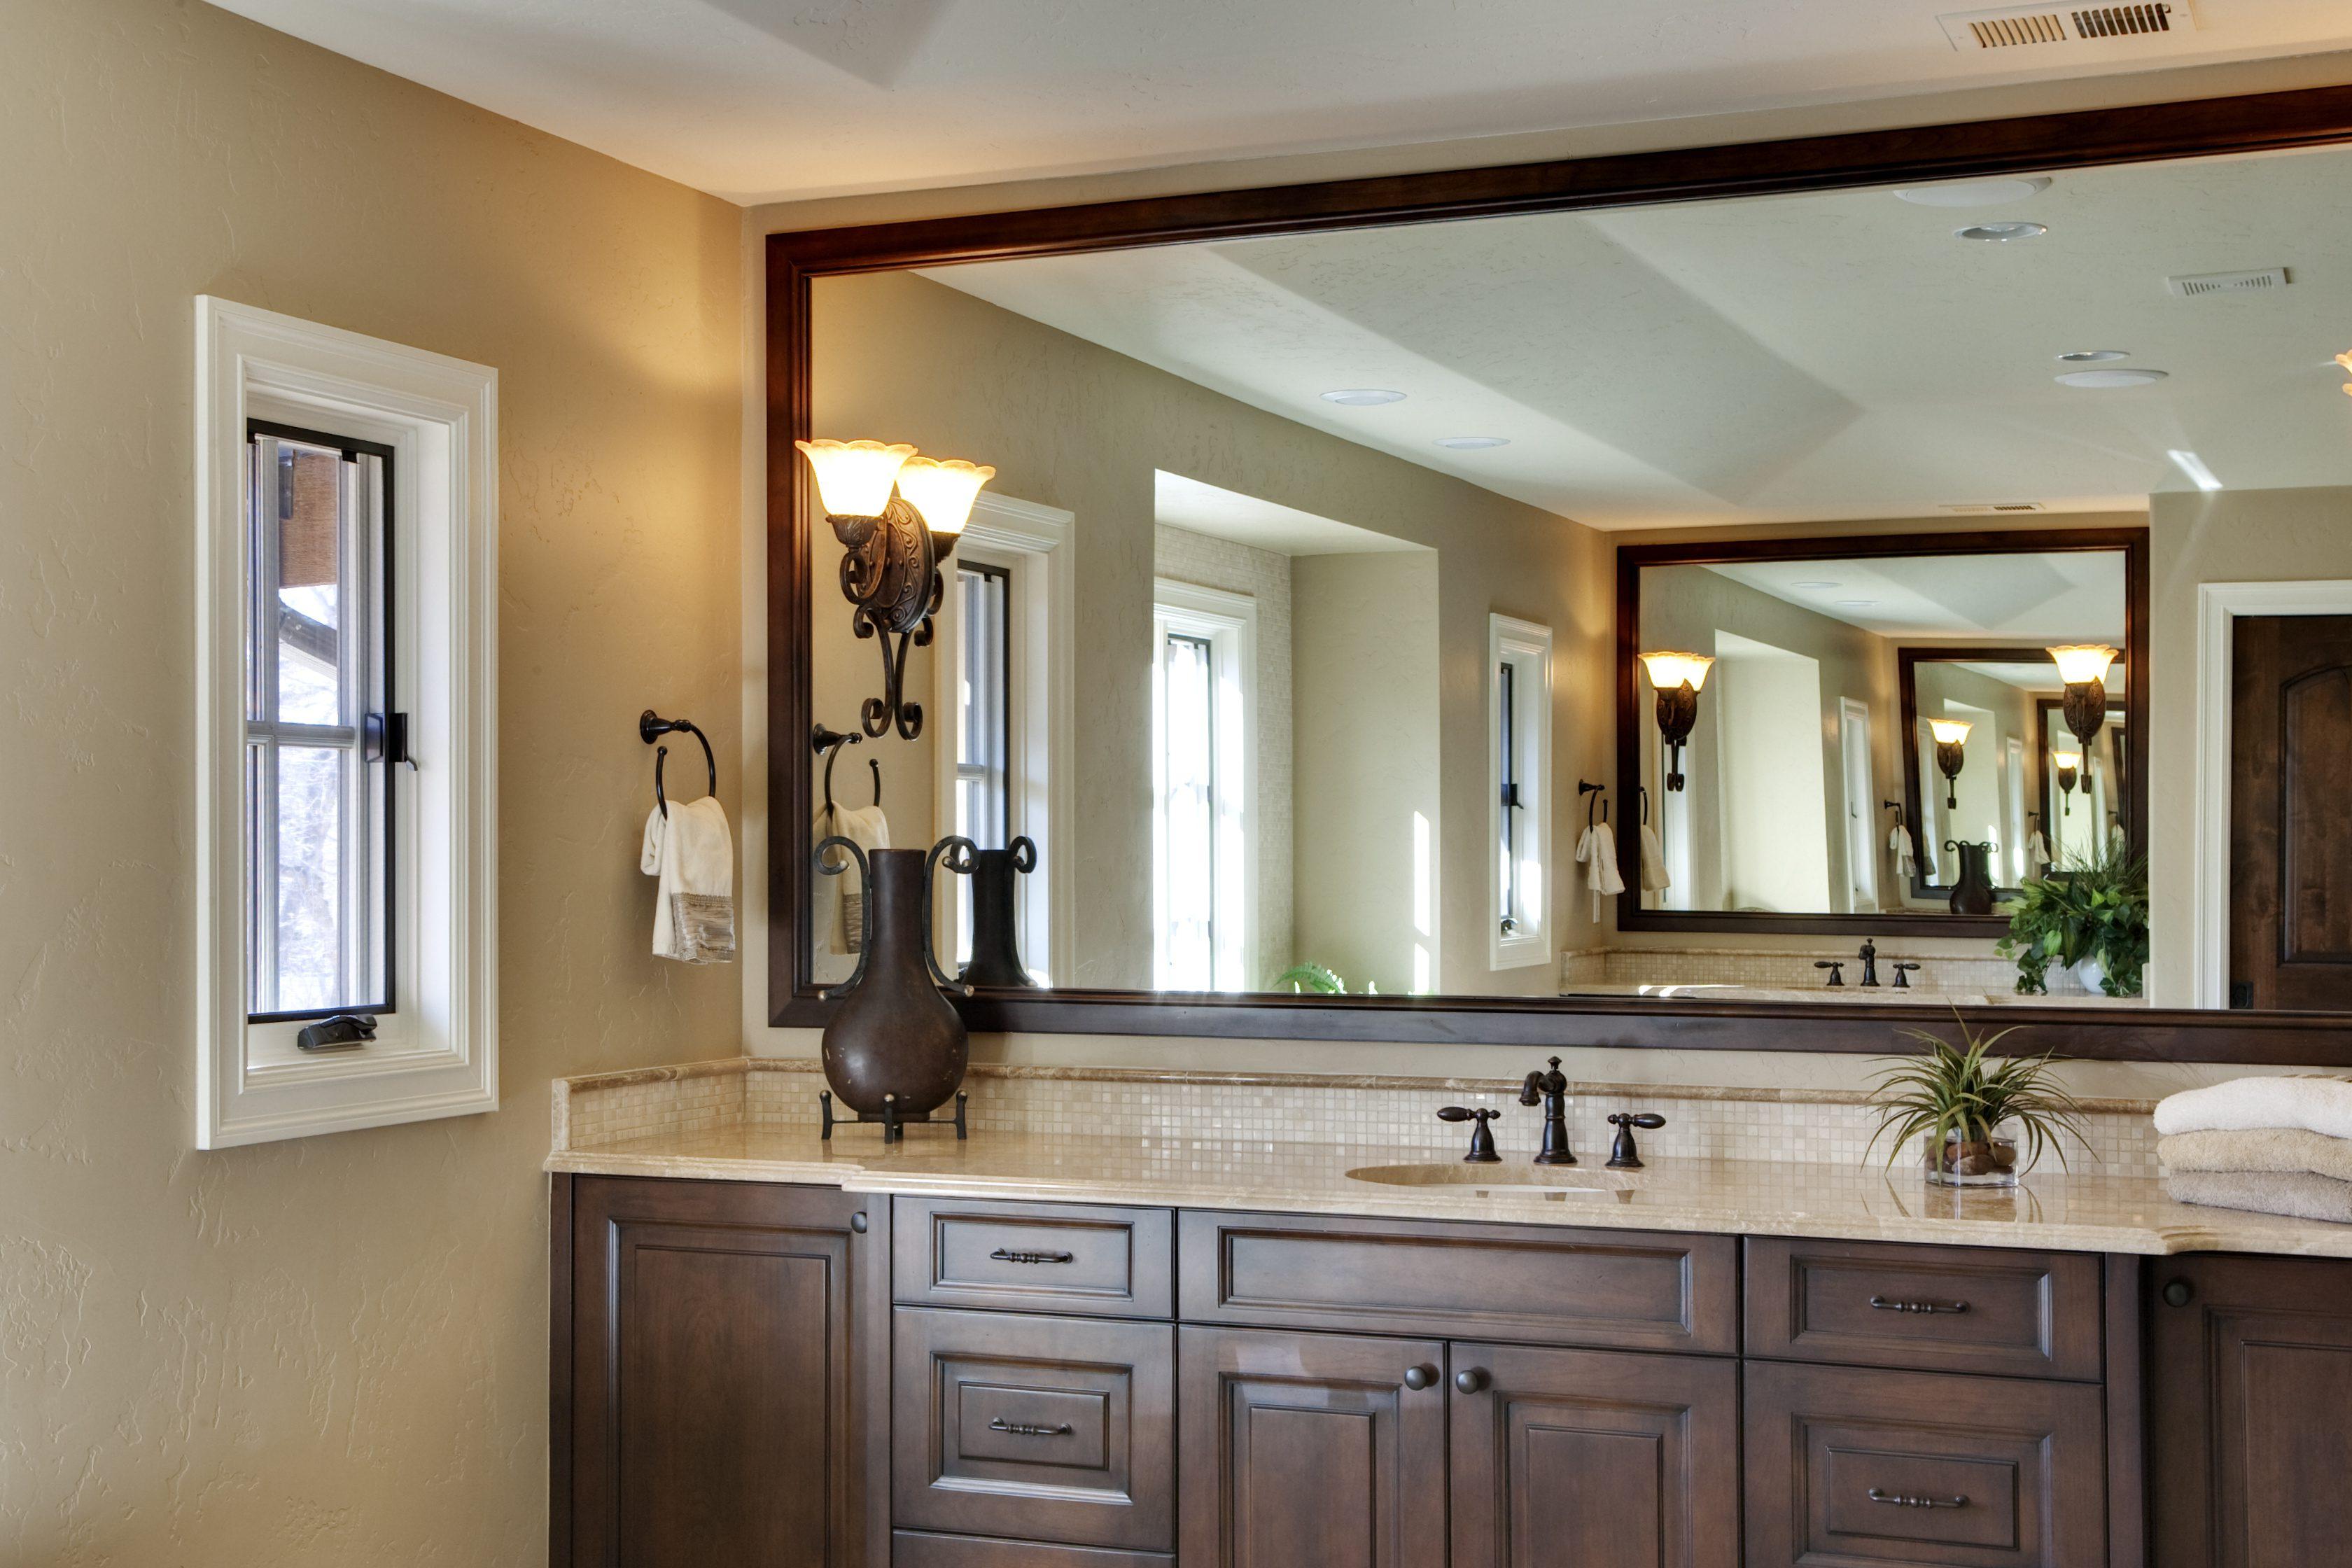 Avigna Granite World Jacksonville Quality Countertops